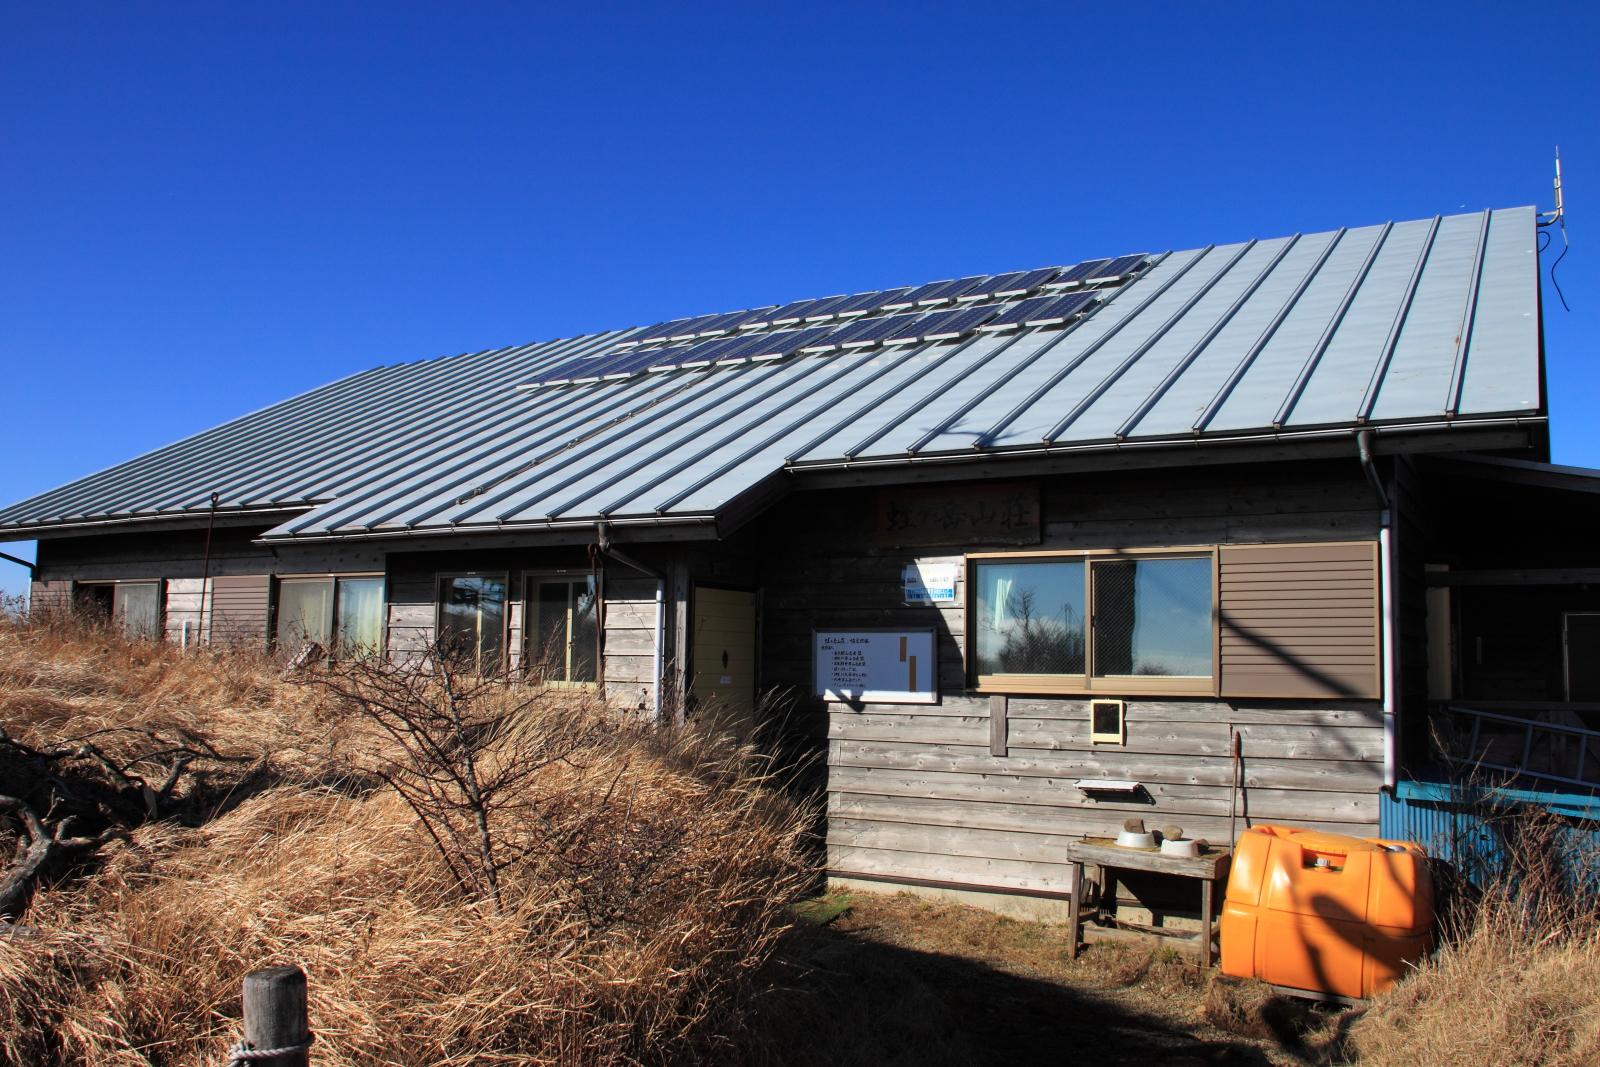 2013年11月30日 蛭ヶ岳山荘